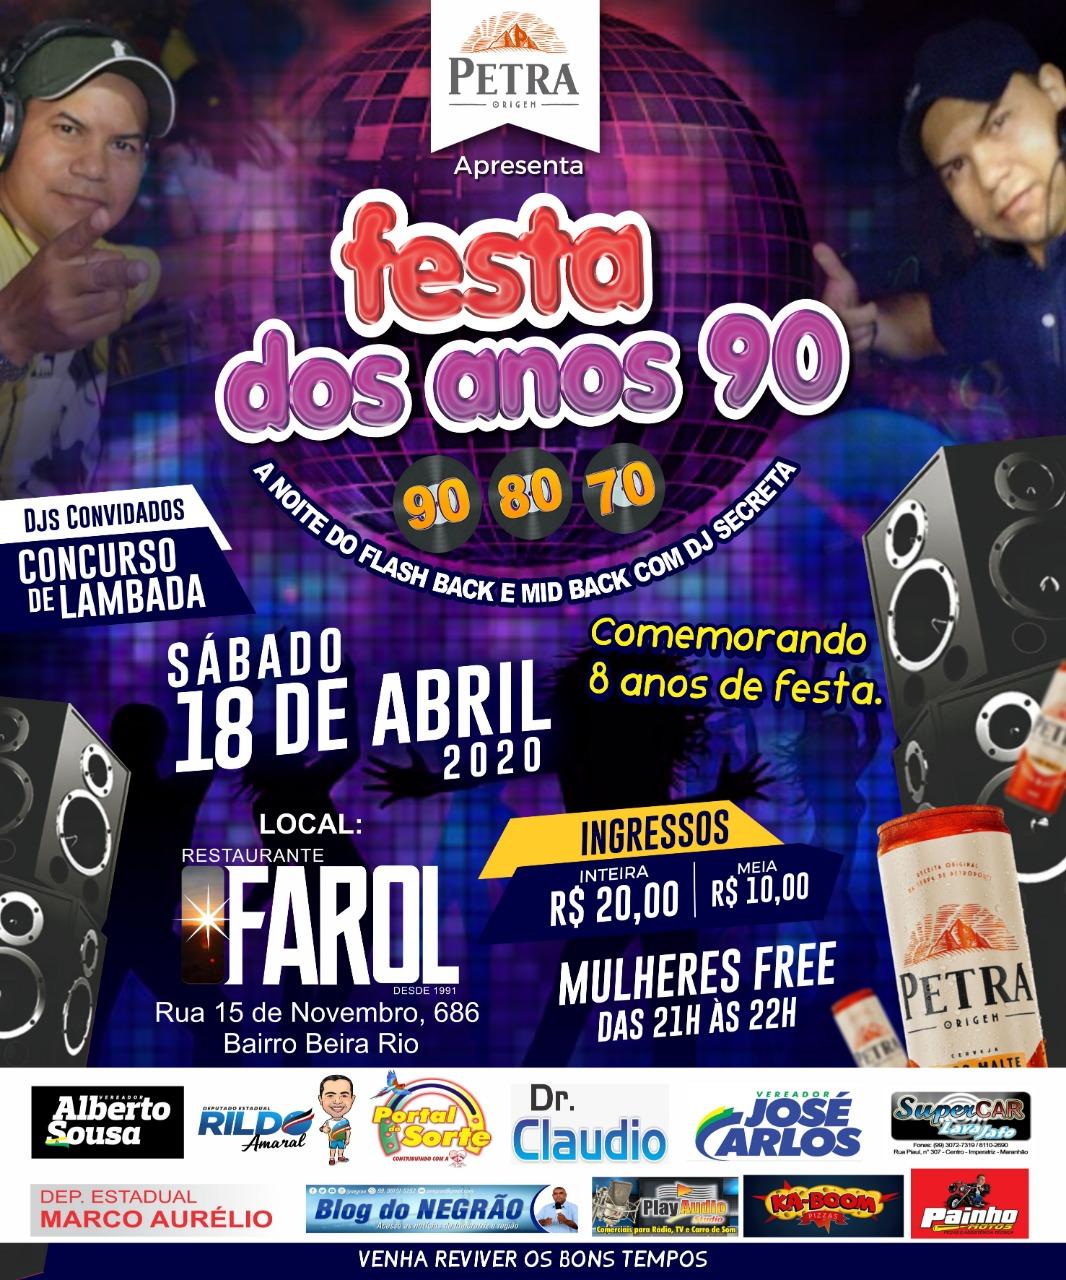 FESTA DO ANOS 90